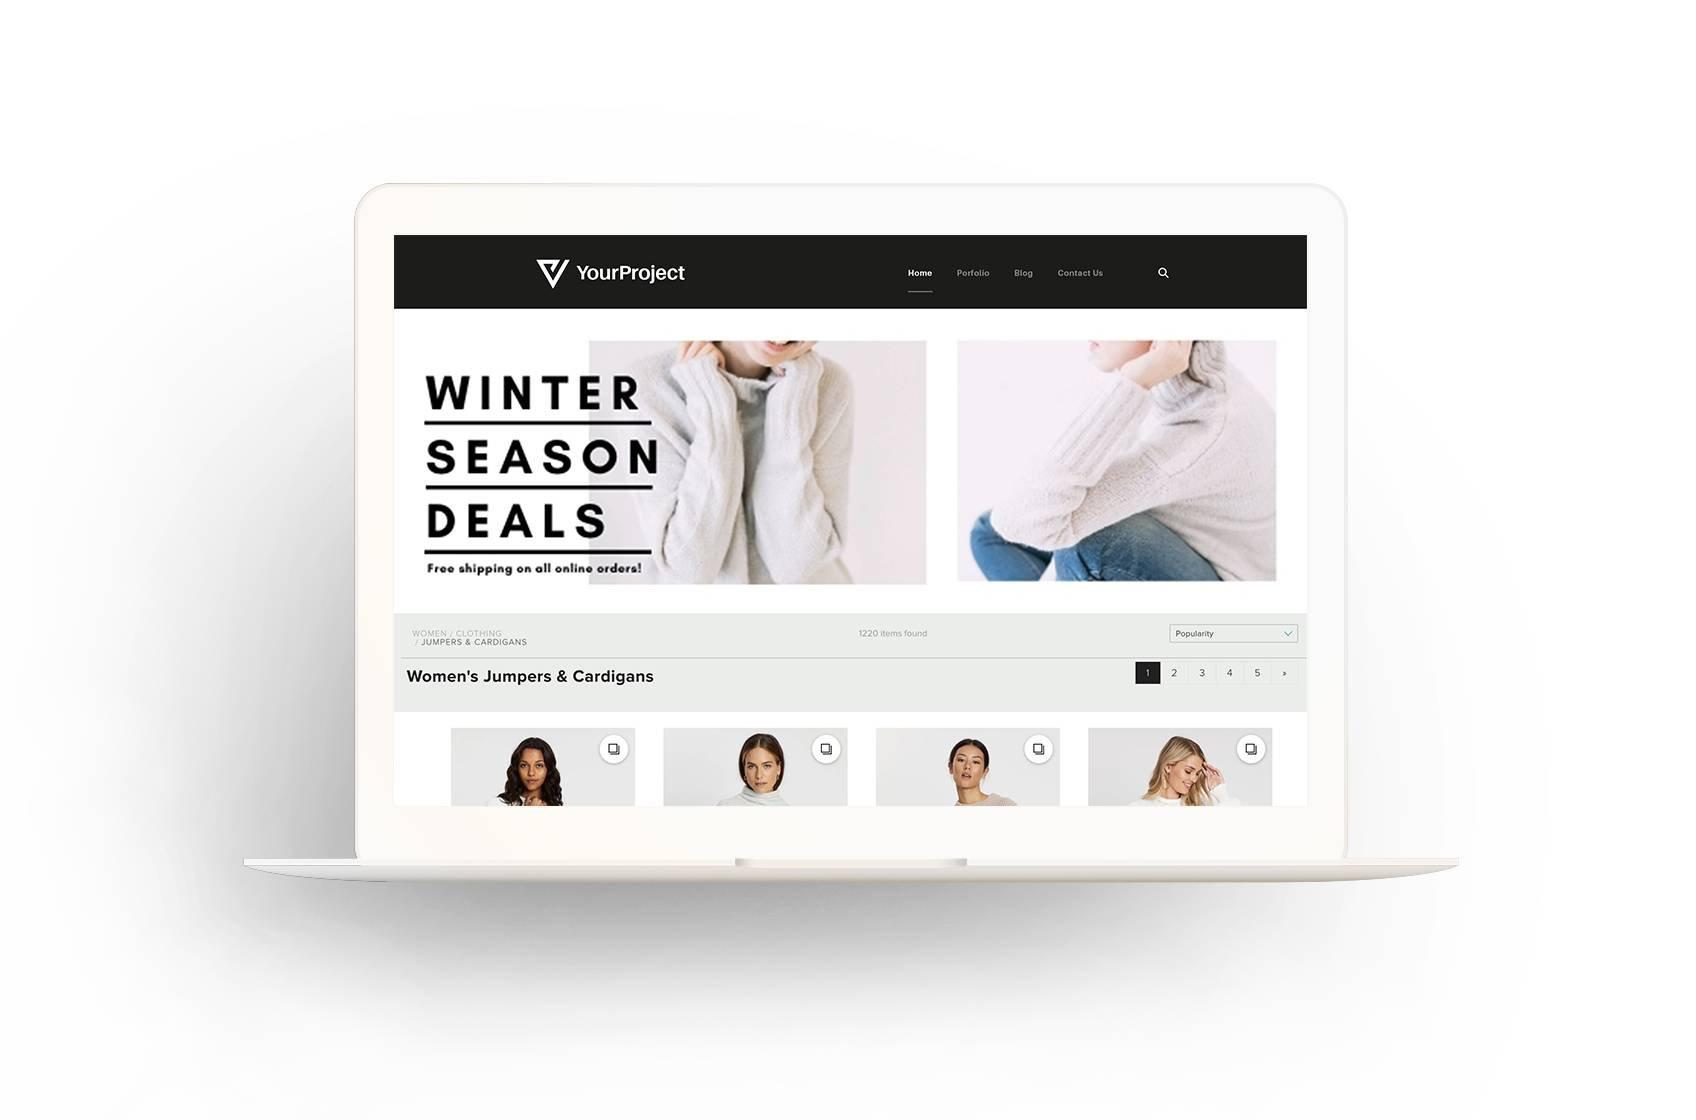 衣料品のウェブサイトに、売り出しを宣伝する目を引くバナーを表示できます。